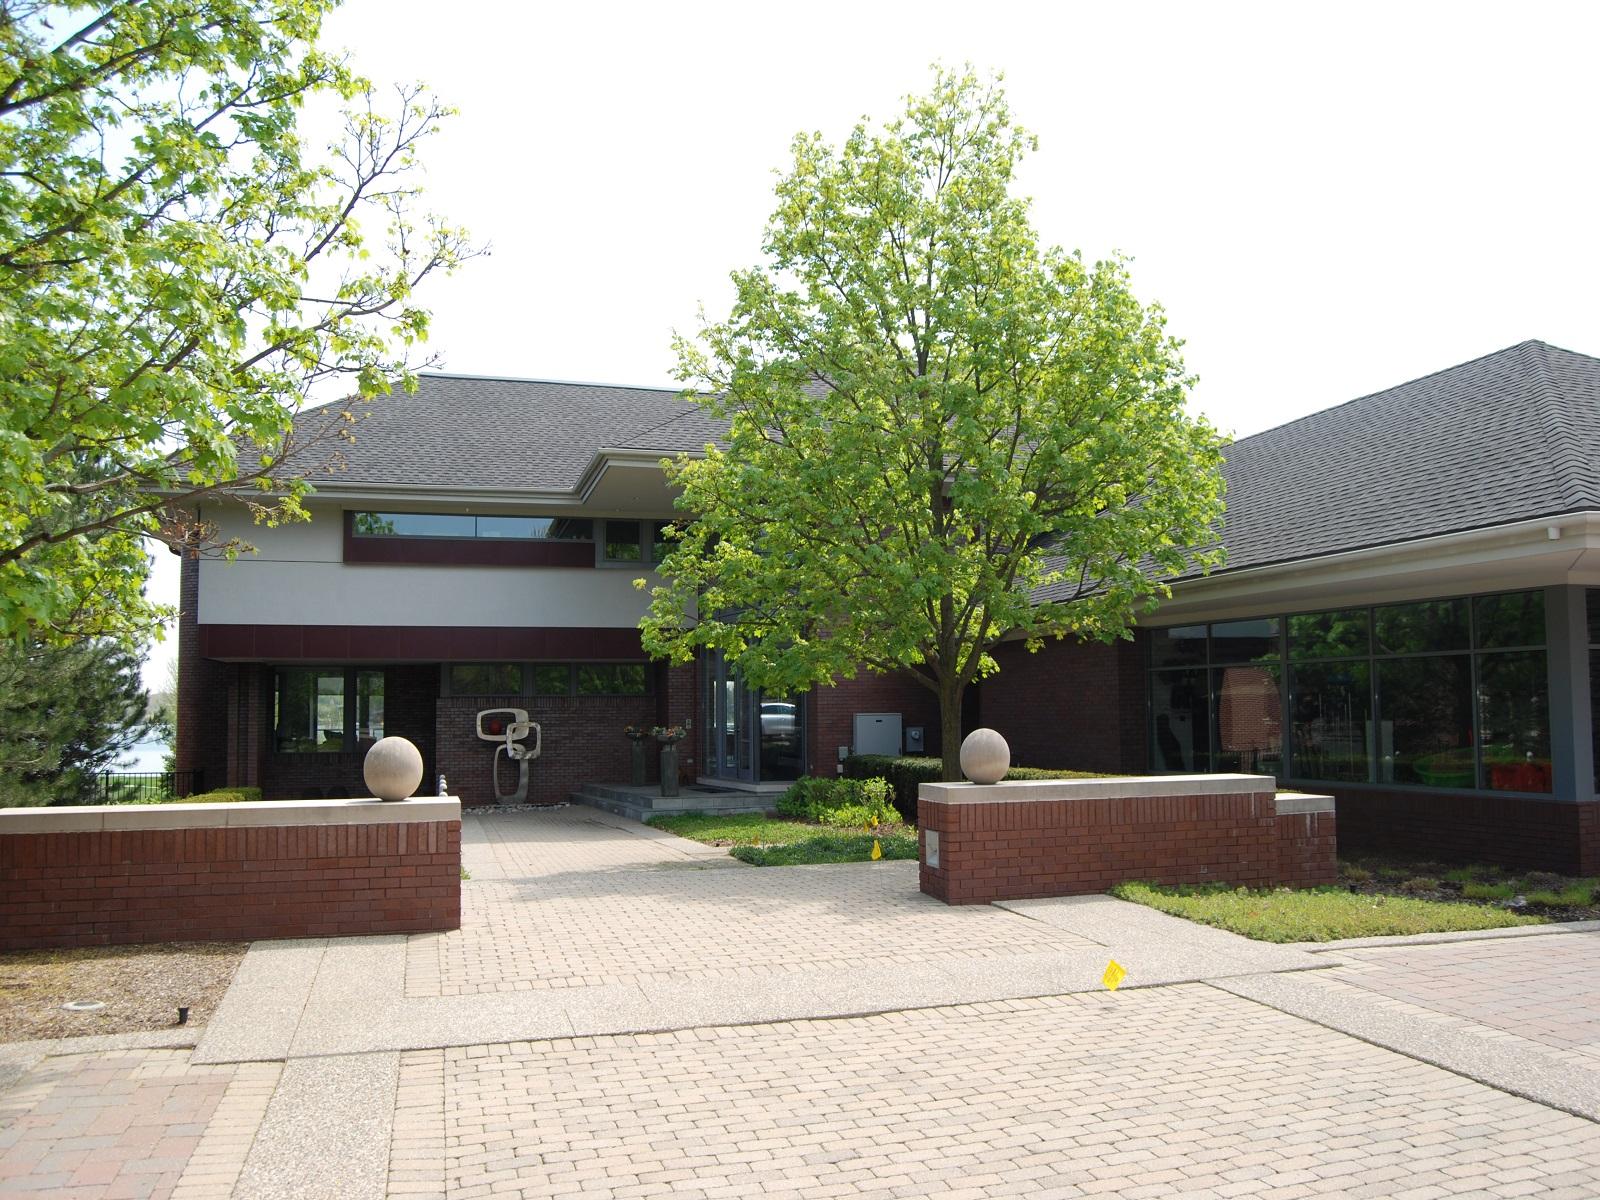 独户住宅 为 销售 在 West Bloomfield 5475 Middlebelt Road West Bloomfield, 密歇根州 48323 美国